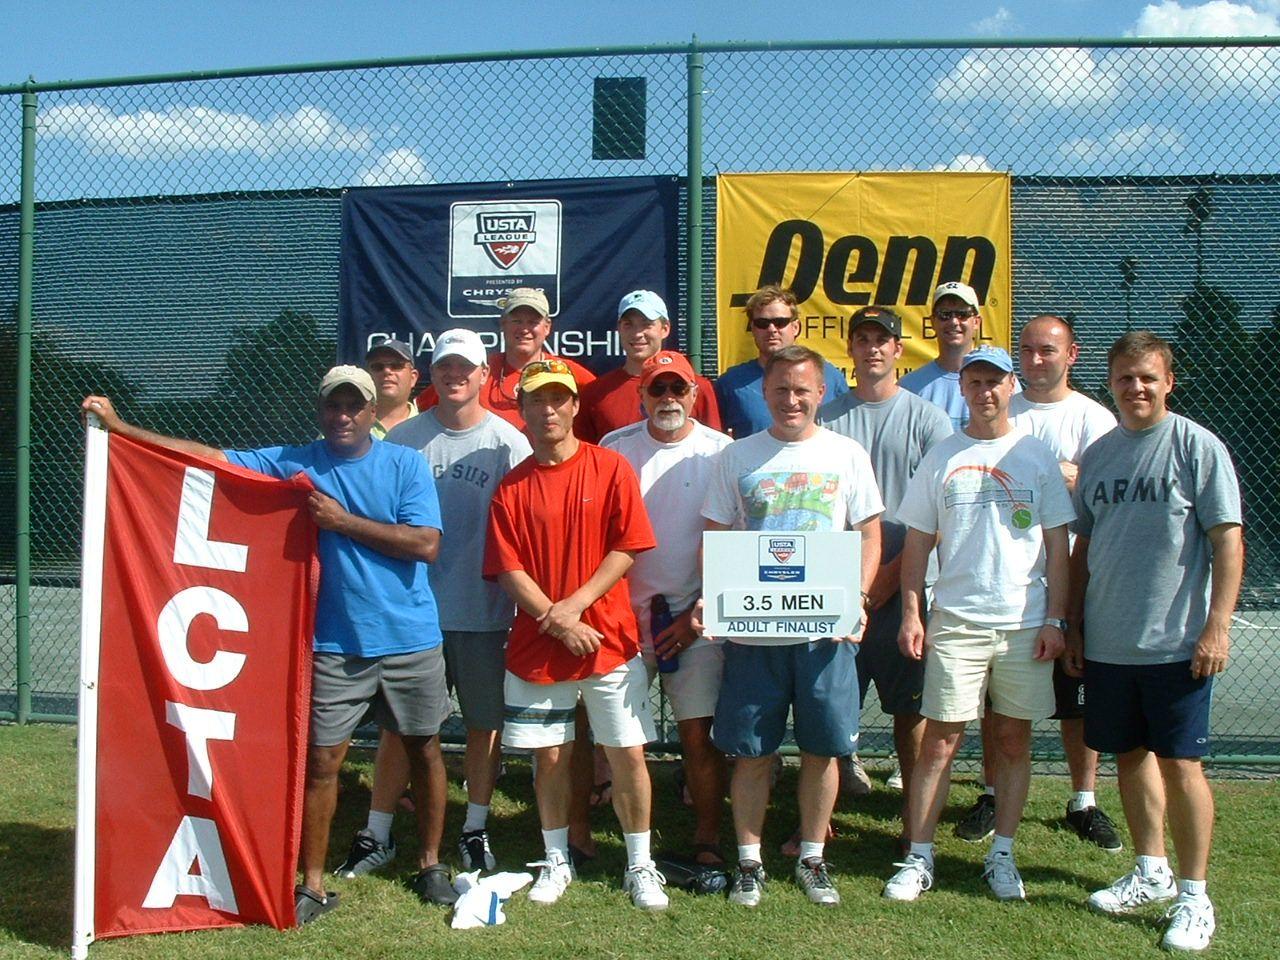 2007 Adult Champs 3.5 M finalist